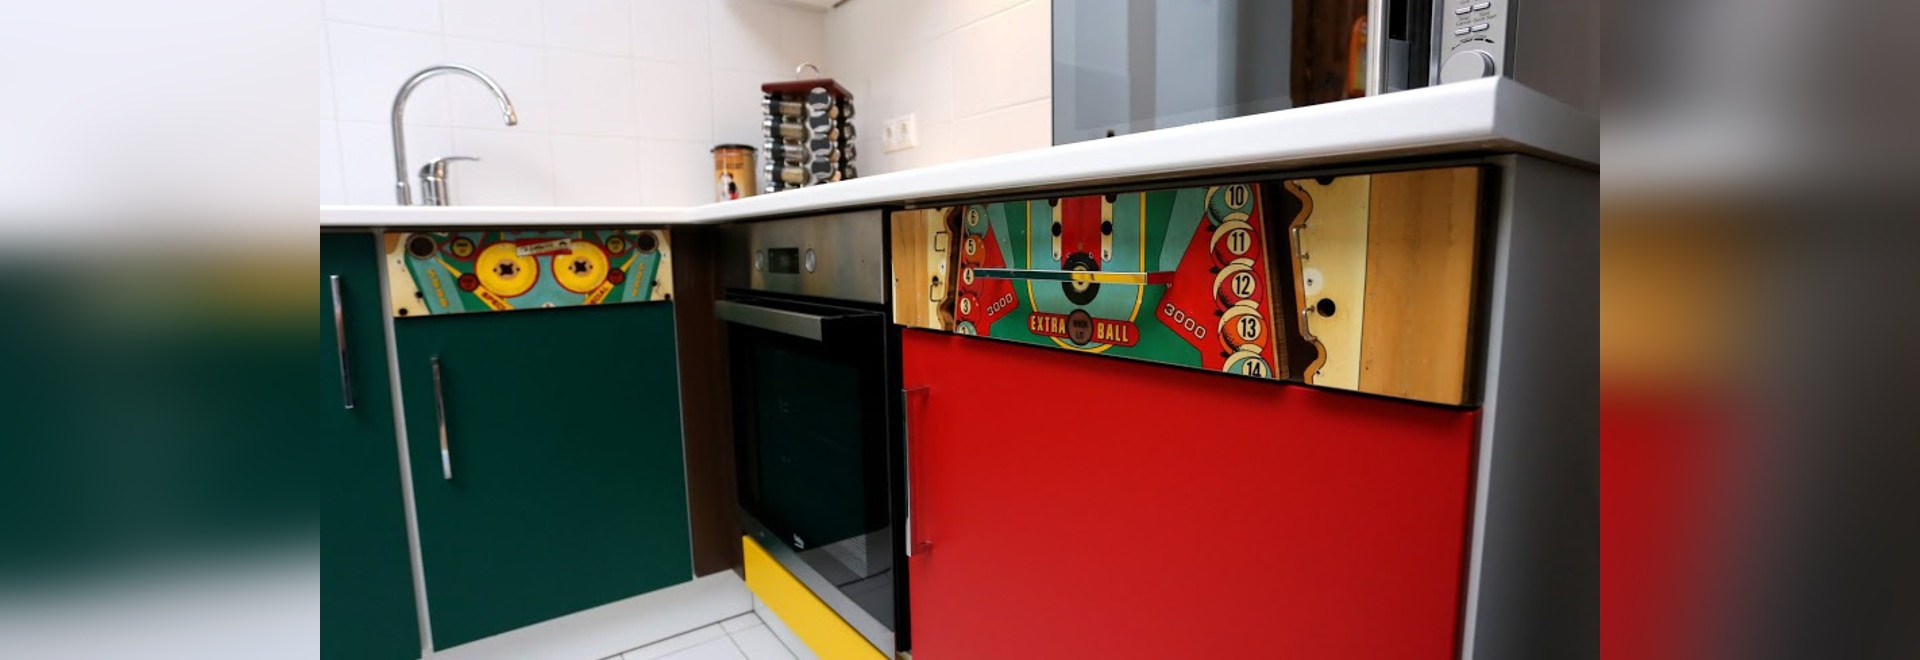 Flipperautomat playfields als Küchenfronten!